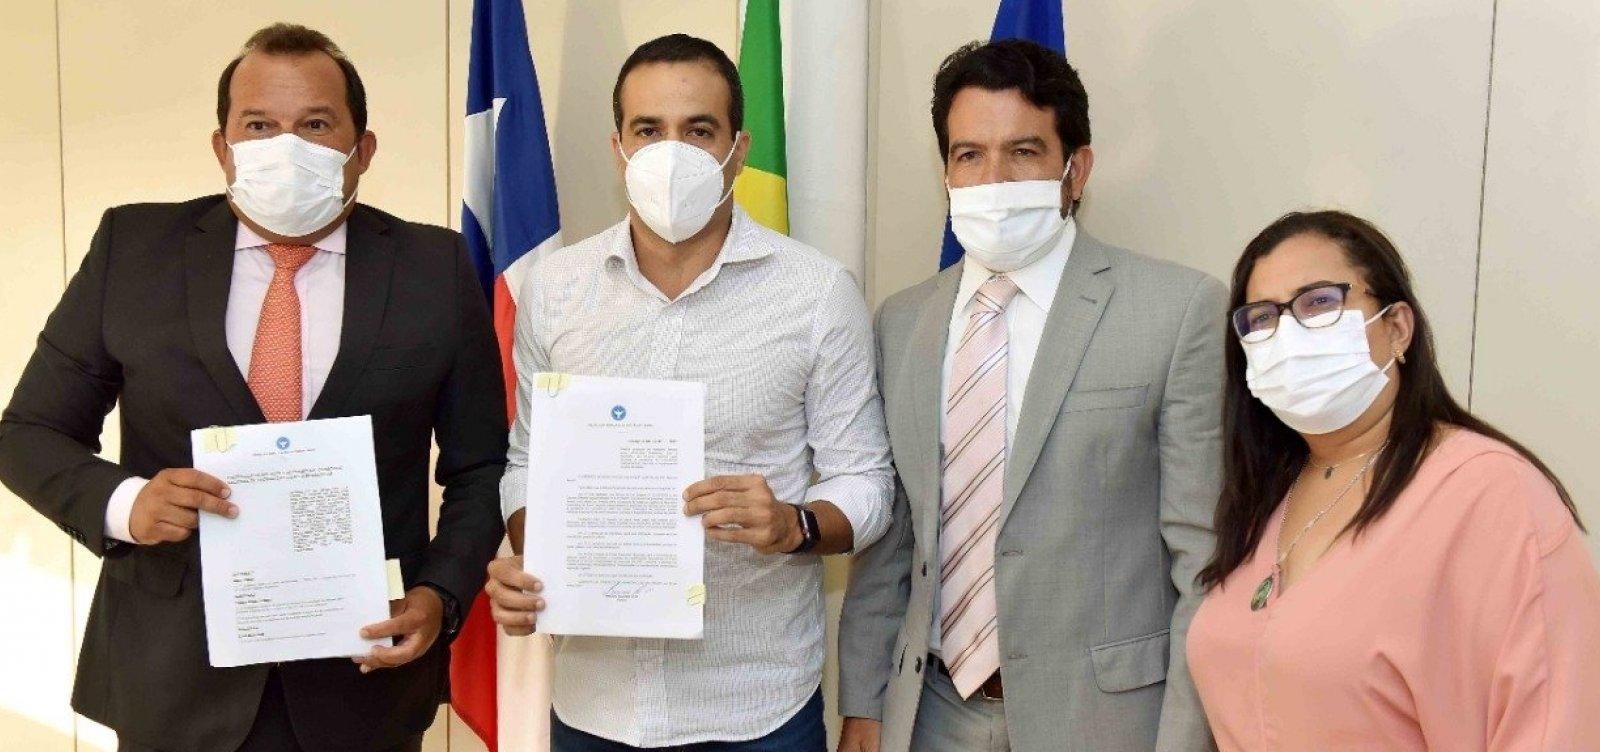 [Prefeitura encaminha projeto para ingresso no consórcio municipal da vacinas contra a Covid-19]